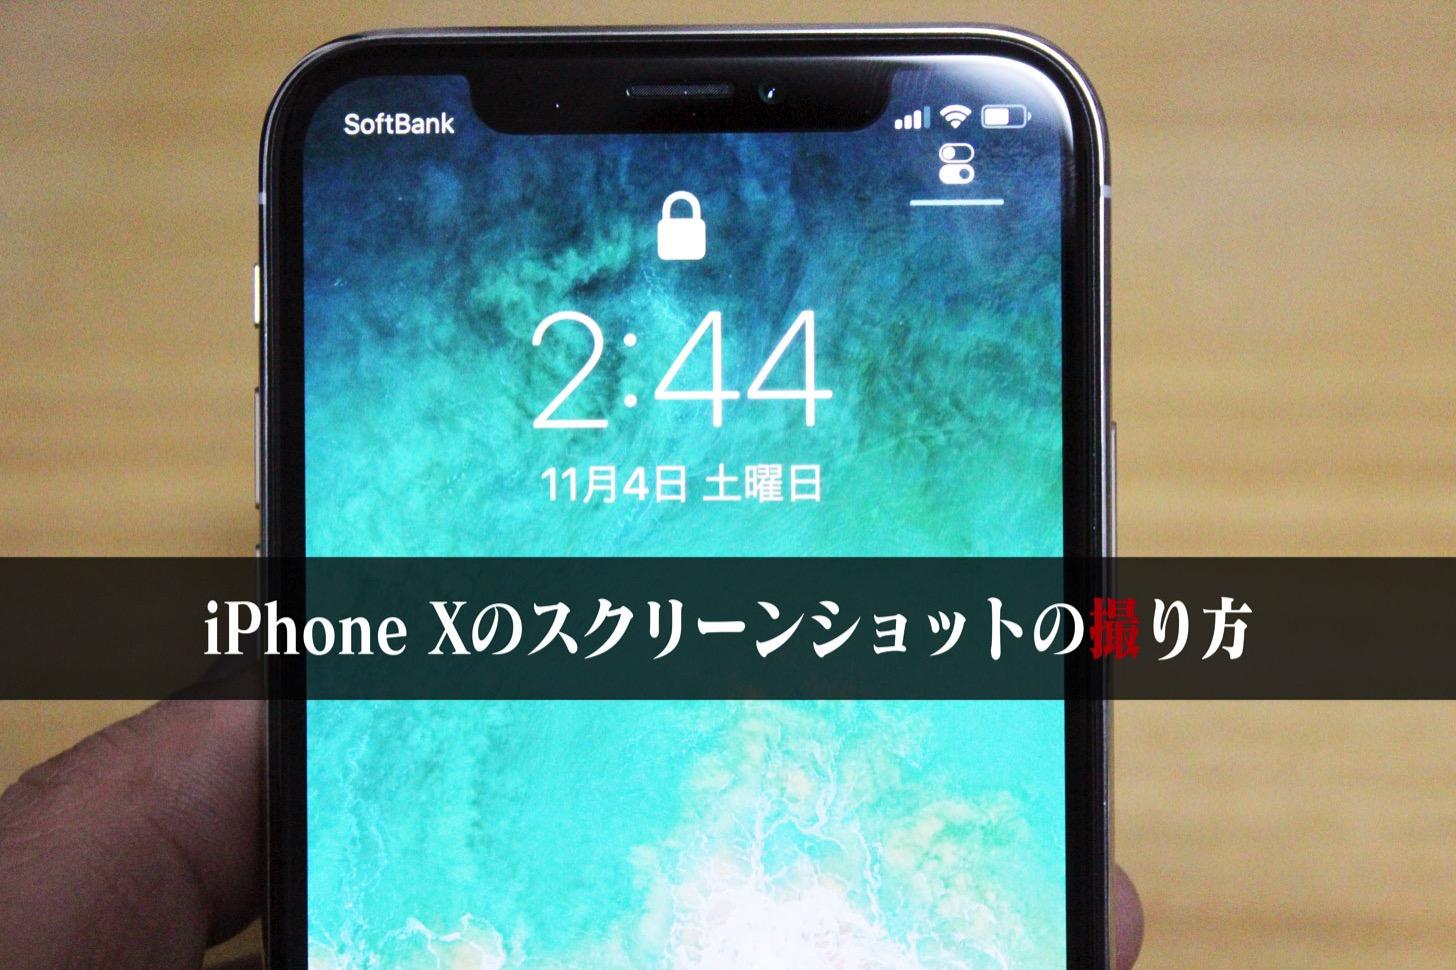 iPhone Xのスクリーンショットのやり方。